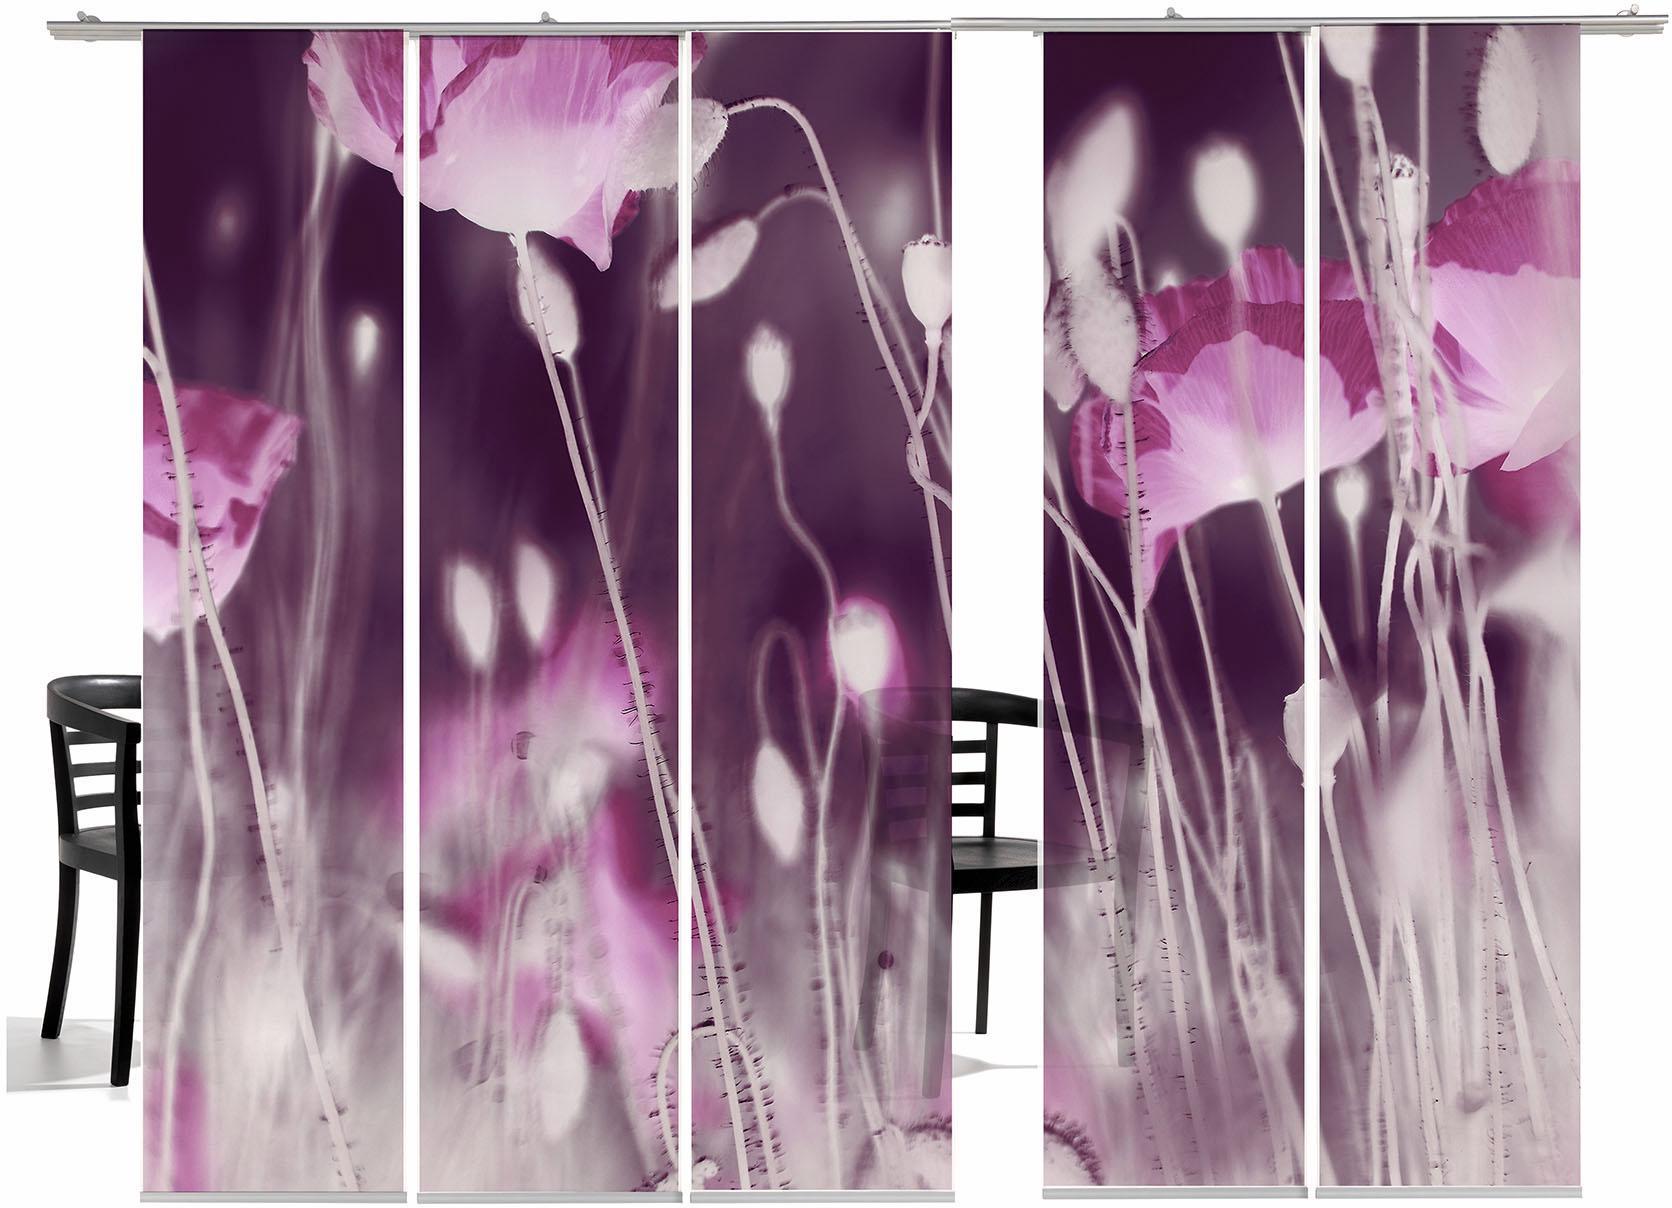 Schiebegardine emotion textiles WilderMohn HA mit Klettband (5 Stück mit Zubehör)